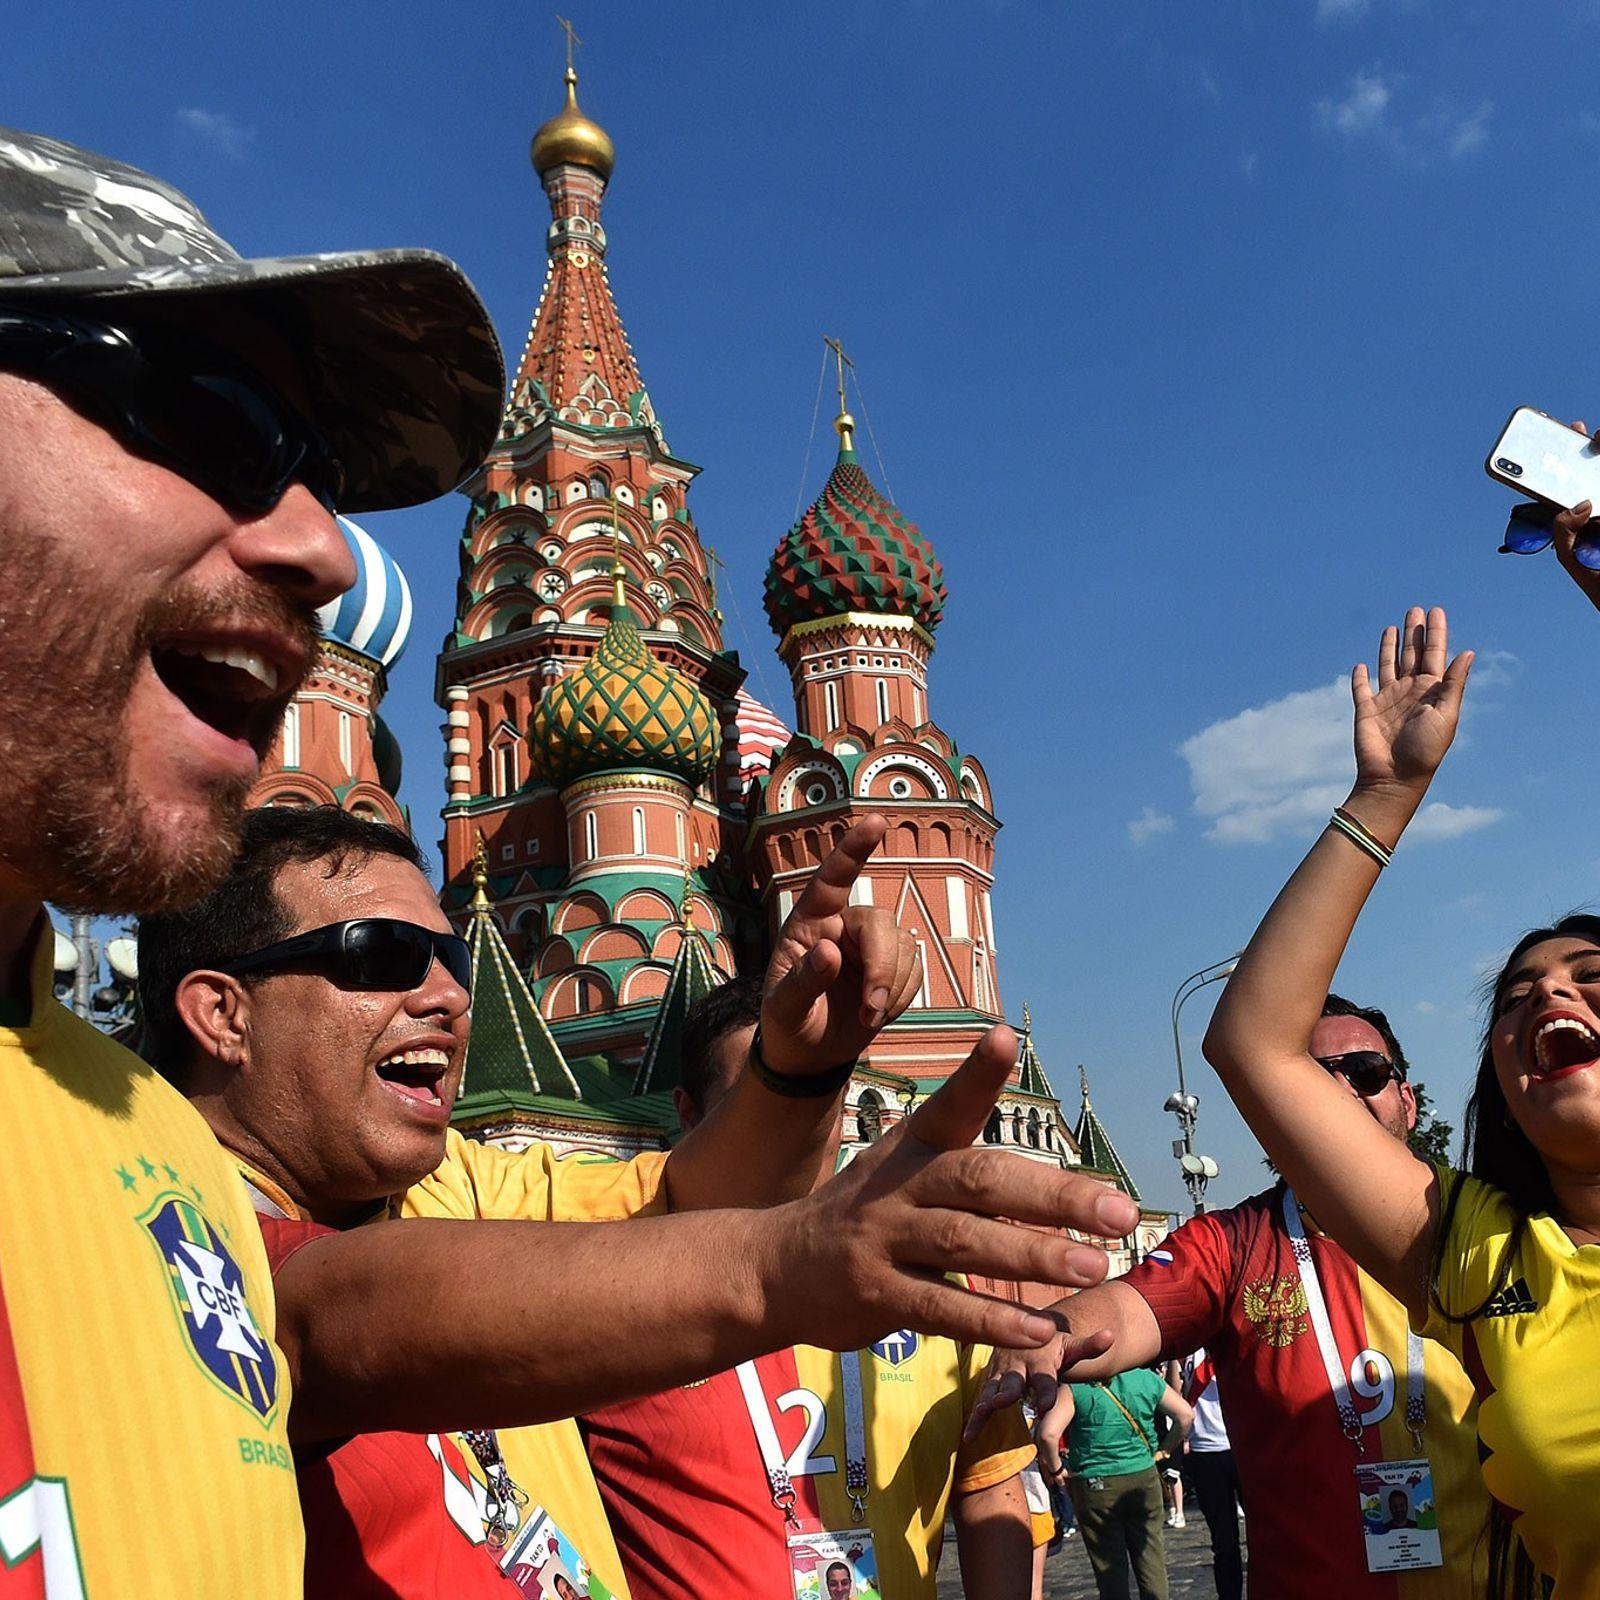 Adeptos vivem a febre do Mundial de Futebol de 2018, em Moscovo, na Rússia.